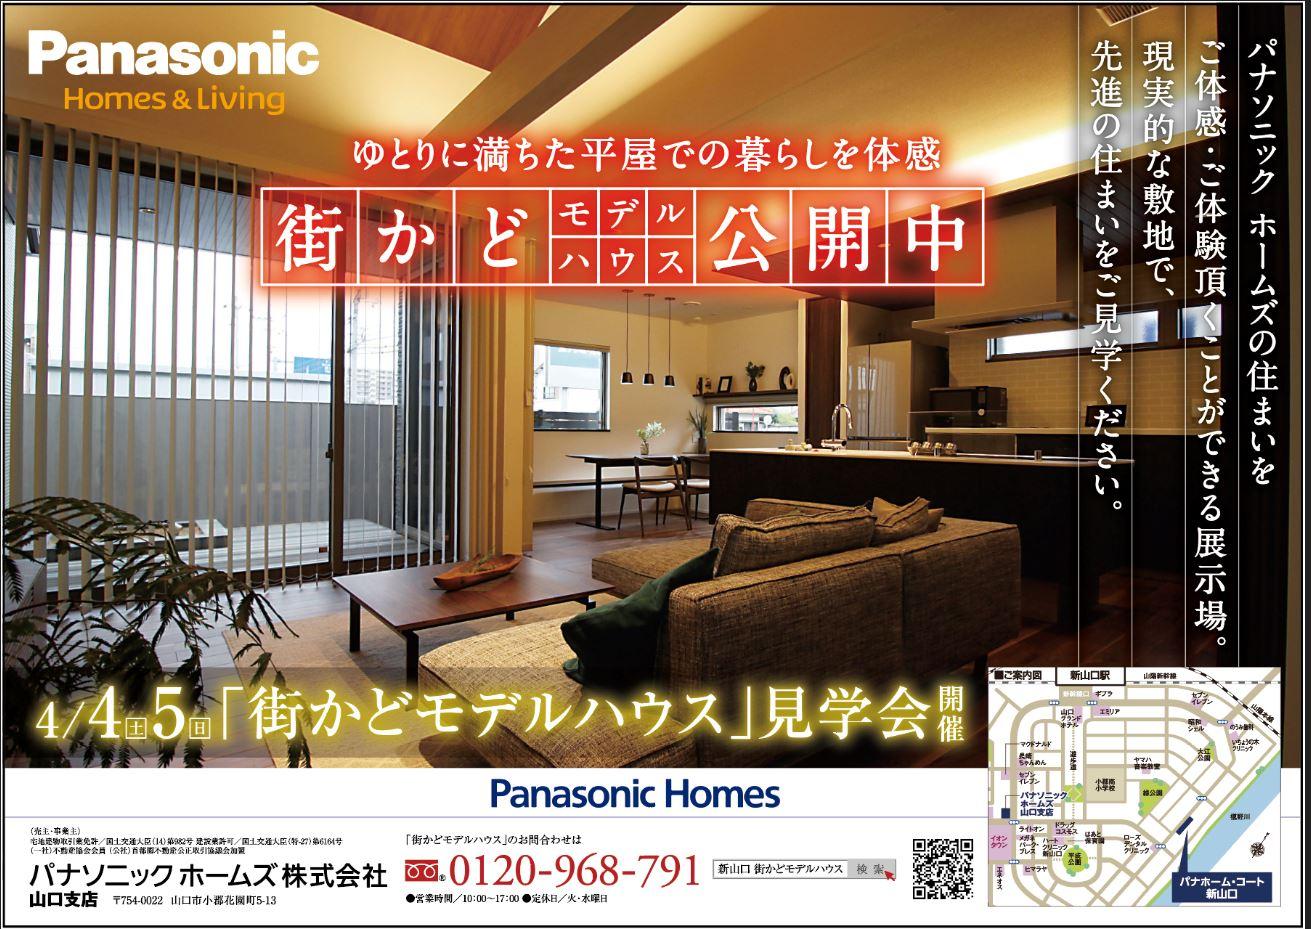 画像:4/4(土)・5(日)【新山口】平屋街かどモデルハウス見学会開催!